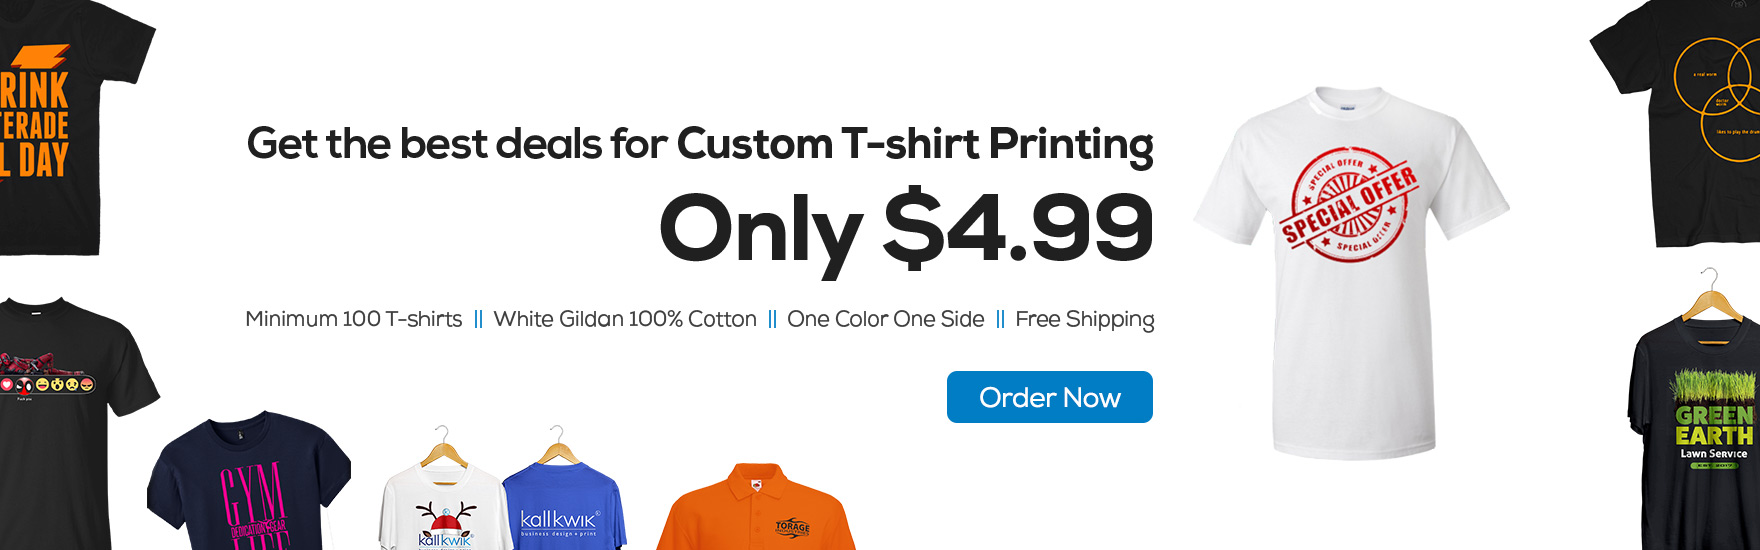 Ez Tshirts Prints Tshirt Printing At Its Best